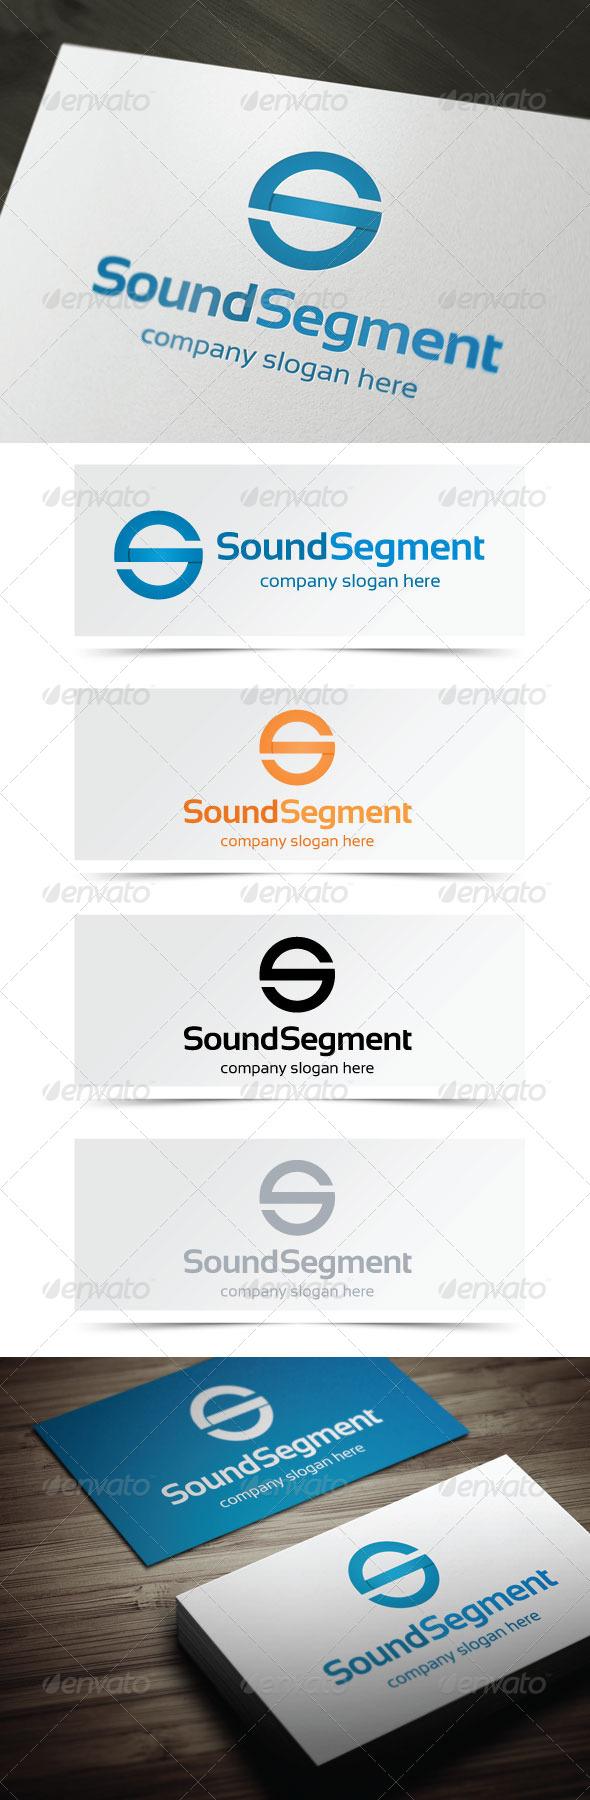 GraphicRiver Sound Segment 5142280